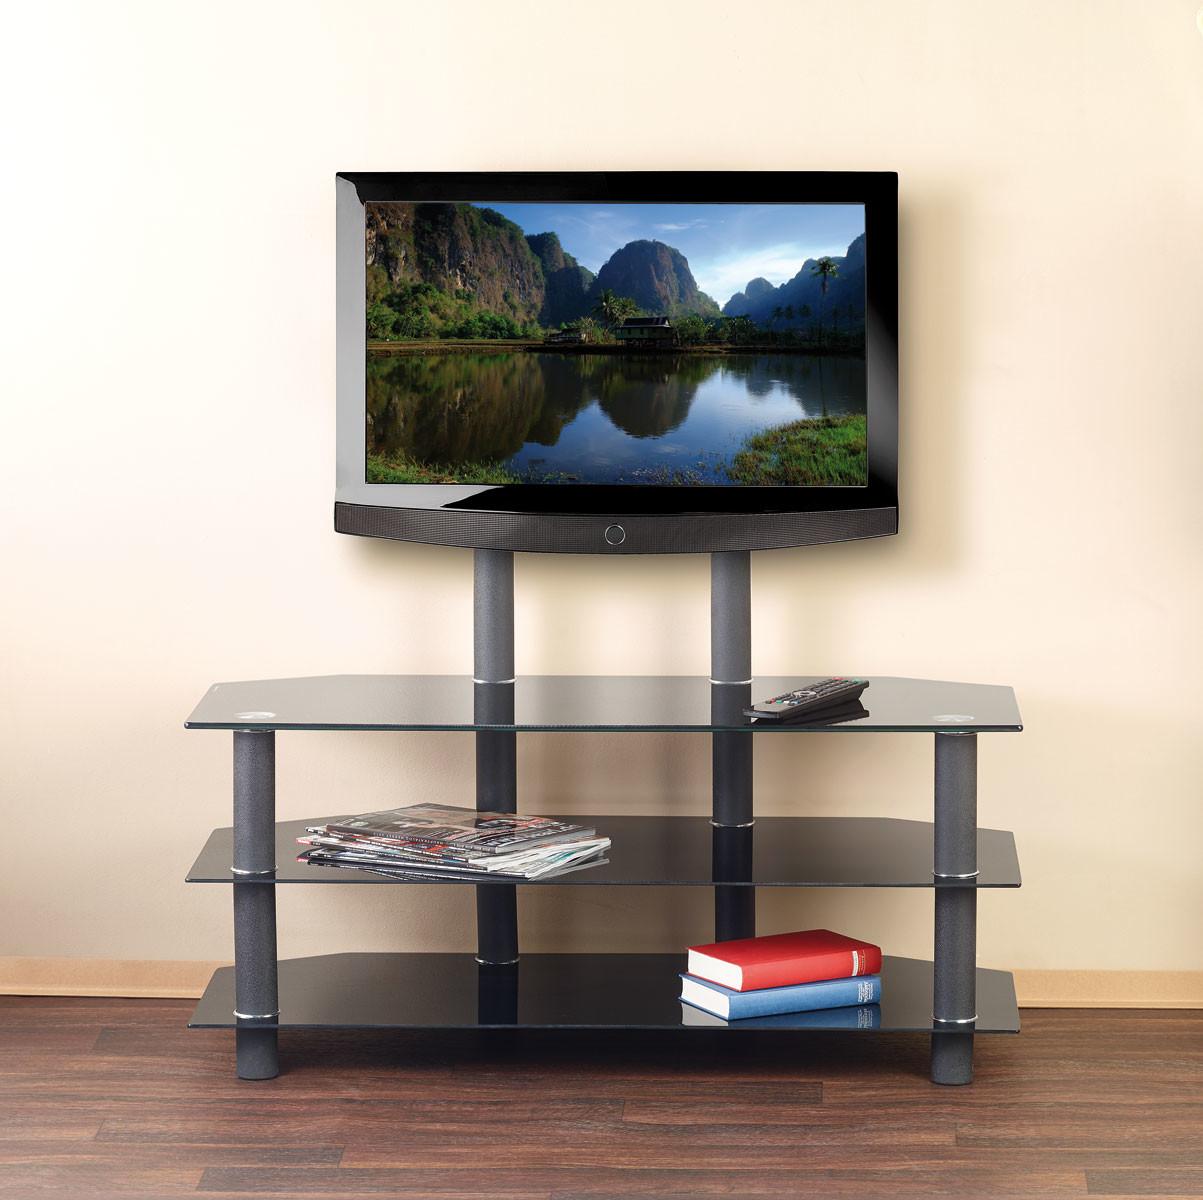 Meuble tv avec vesa et triple tablette en verre noir meuble tv - Meuble pour ecran plat ...